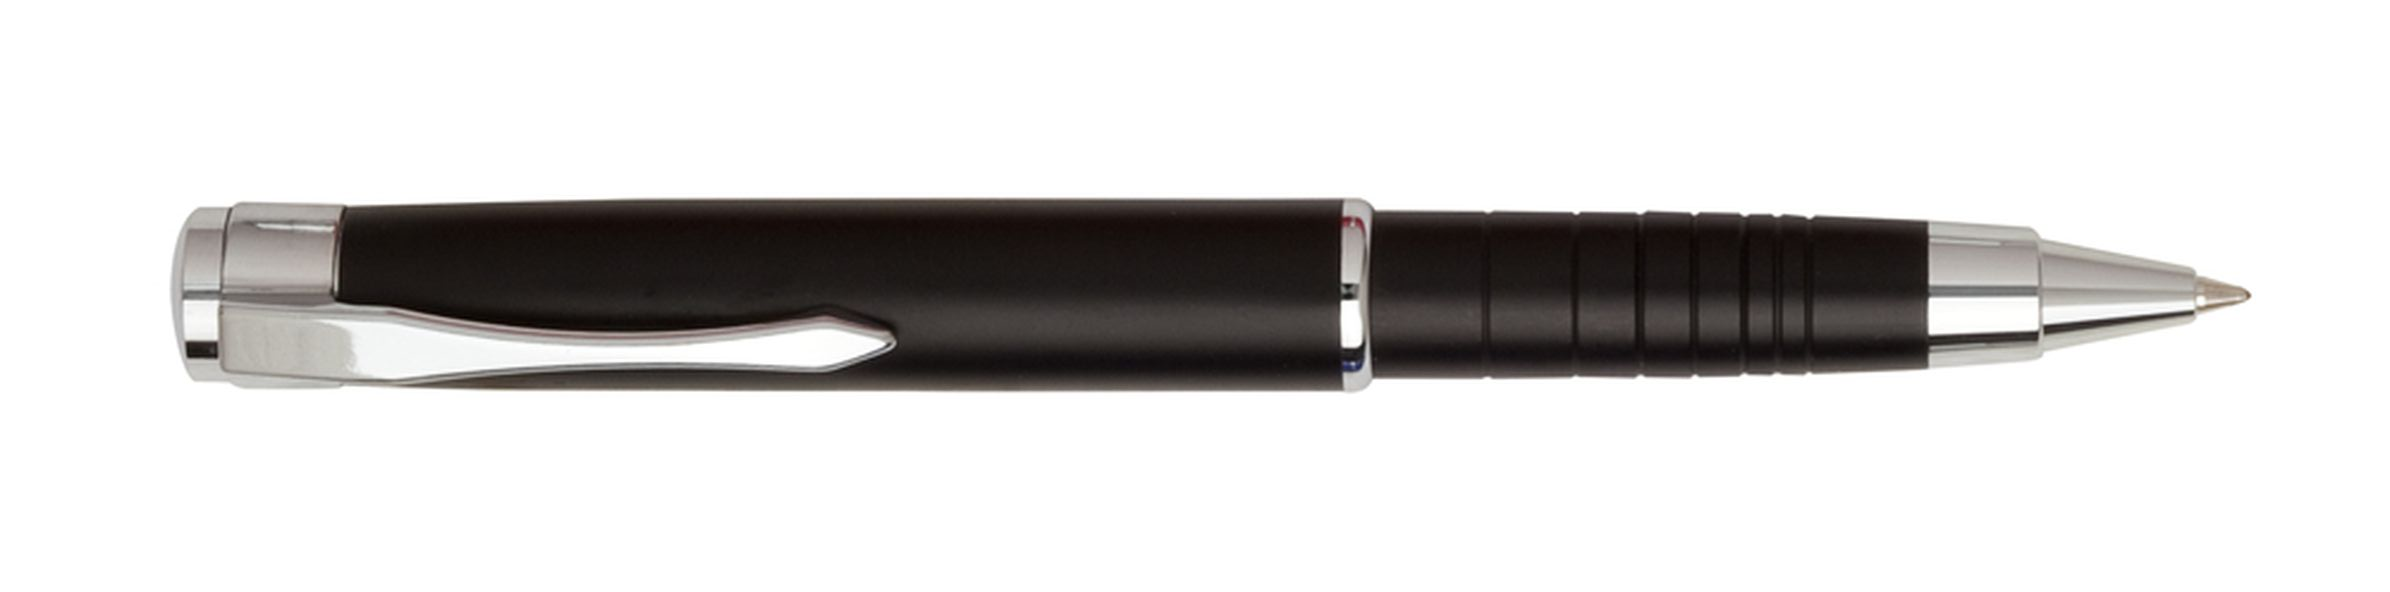 Extensy černé kuličkové pero